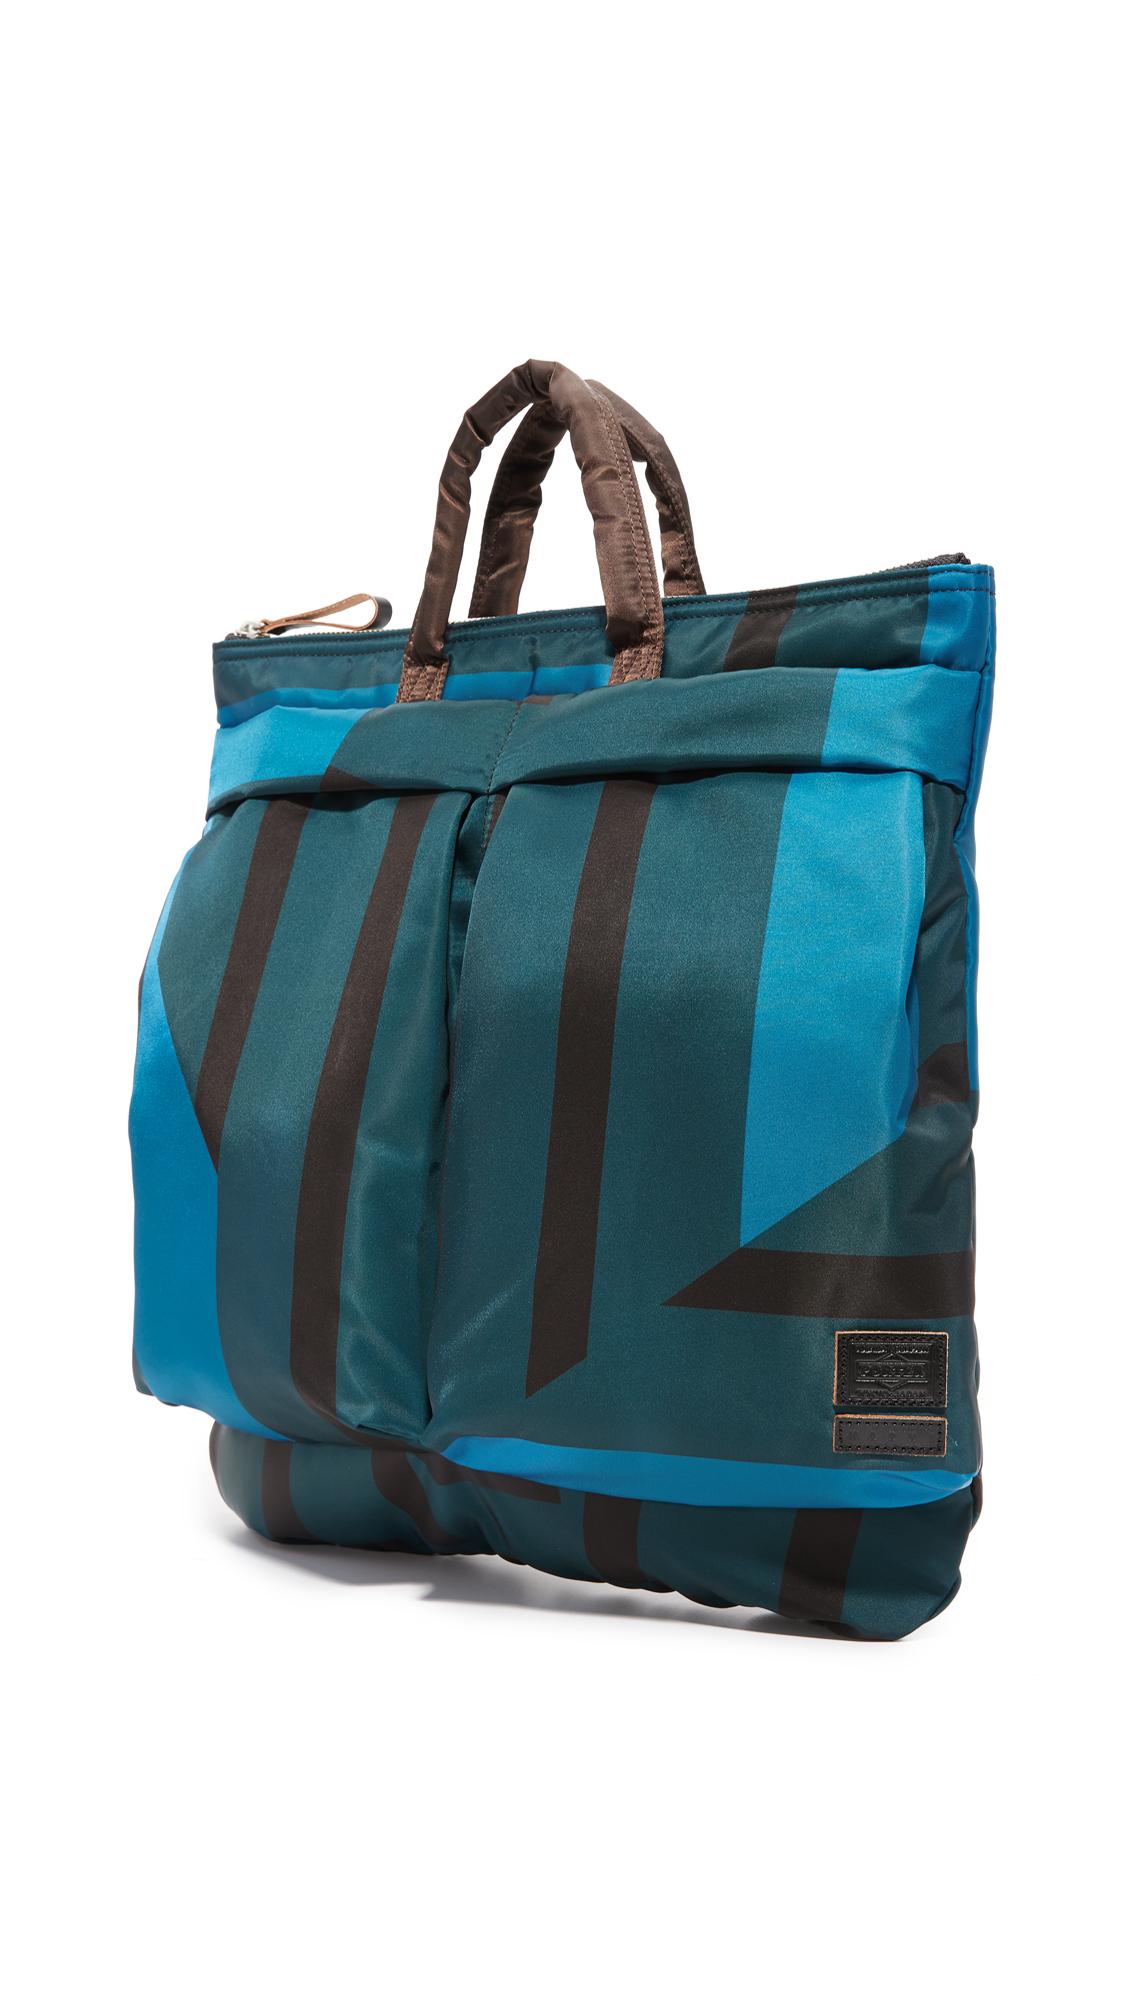 9c7ce7a96da2 Marni Porter x Marni Helmet Bag